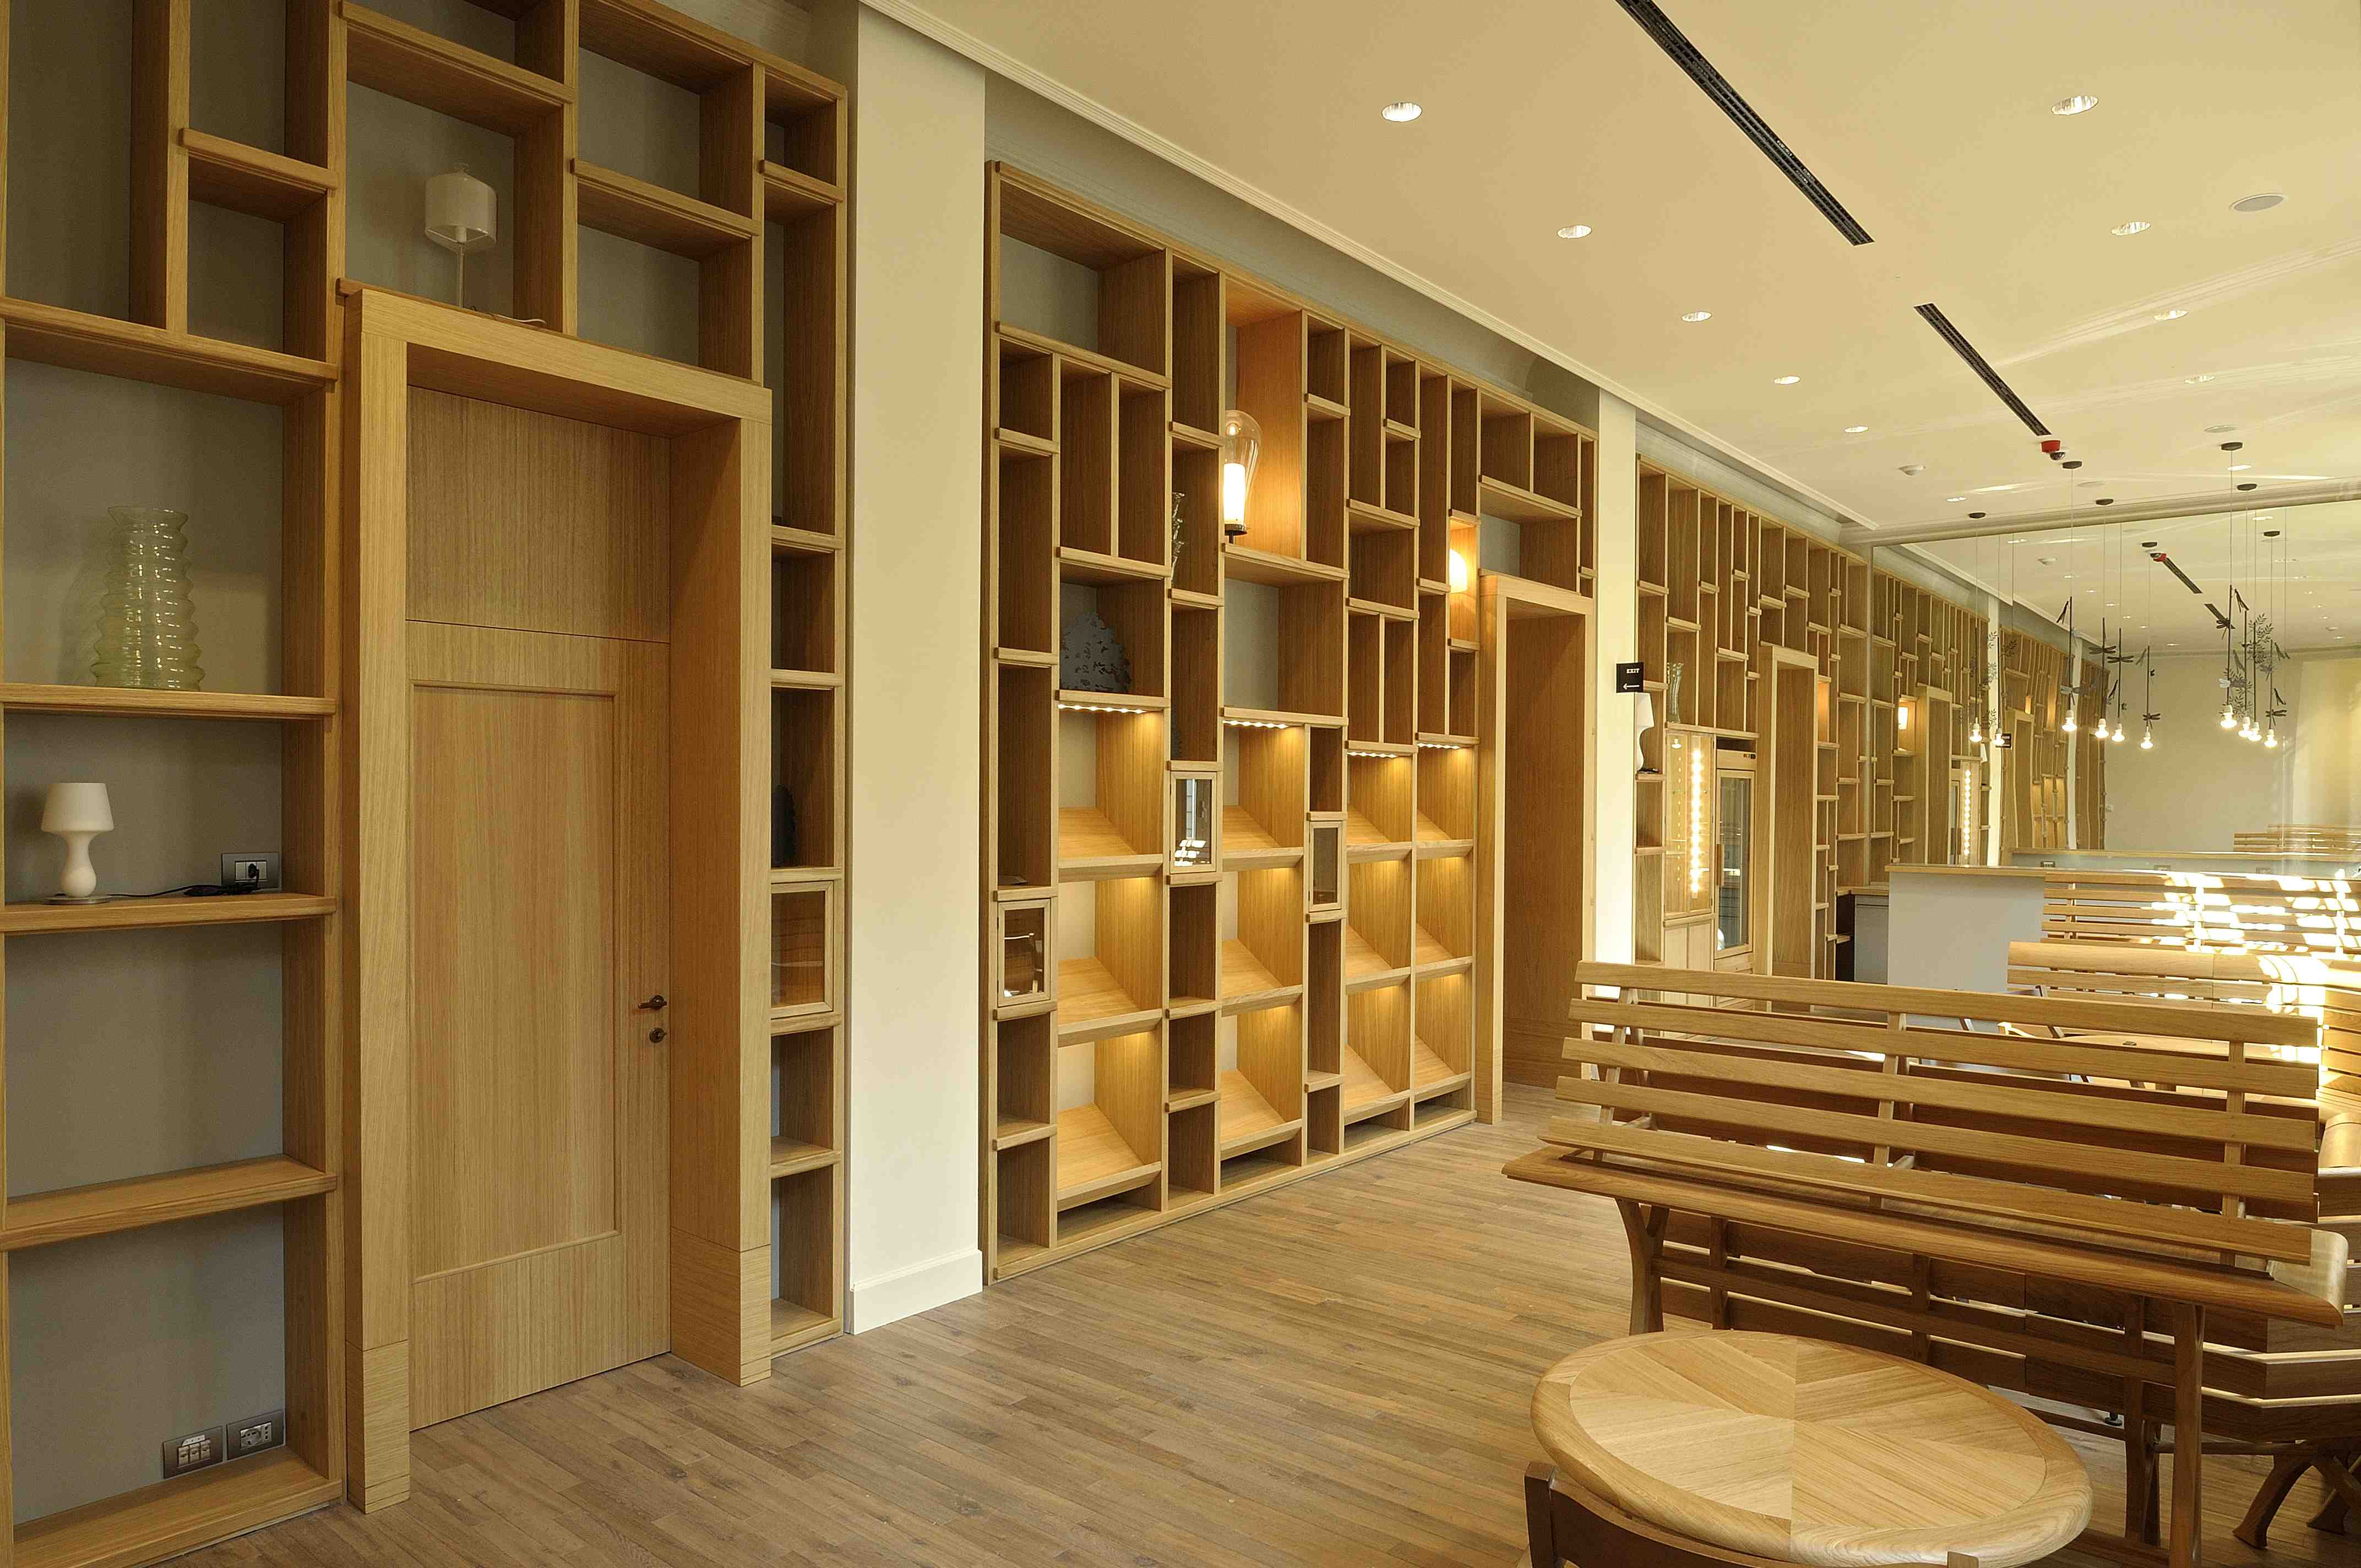 La caffetteria-bookshop progettata da Michele De Lucchi - Gallerie d'Italia - Piazza Scala - Milano